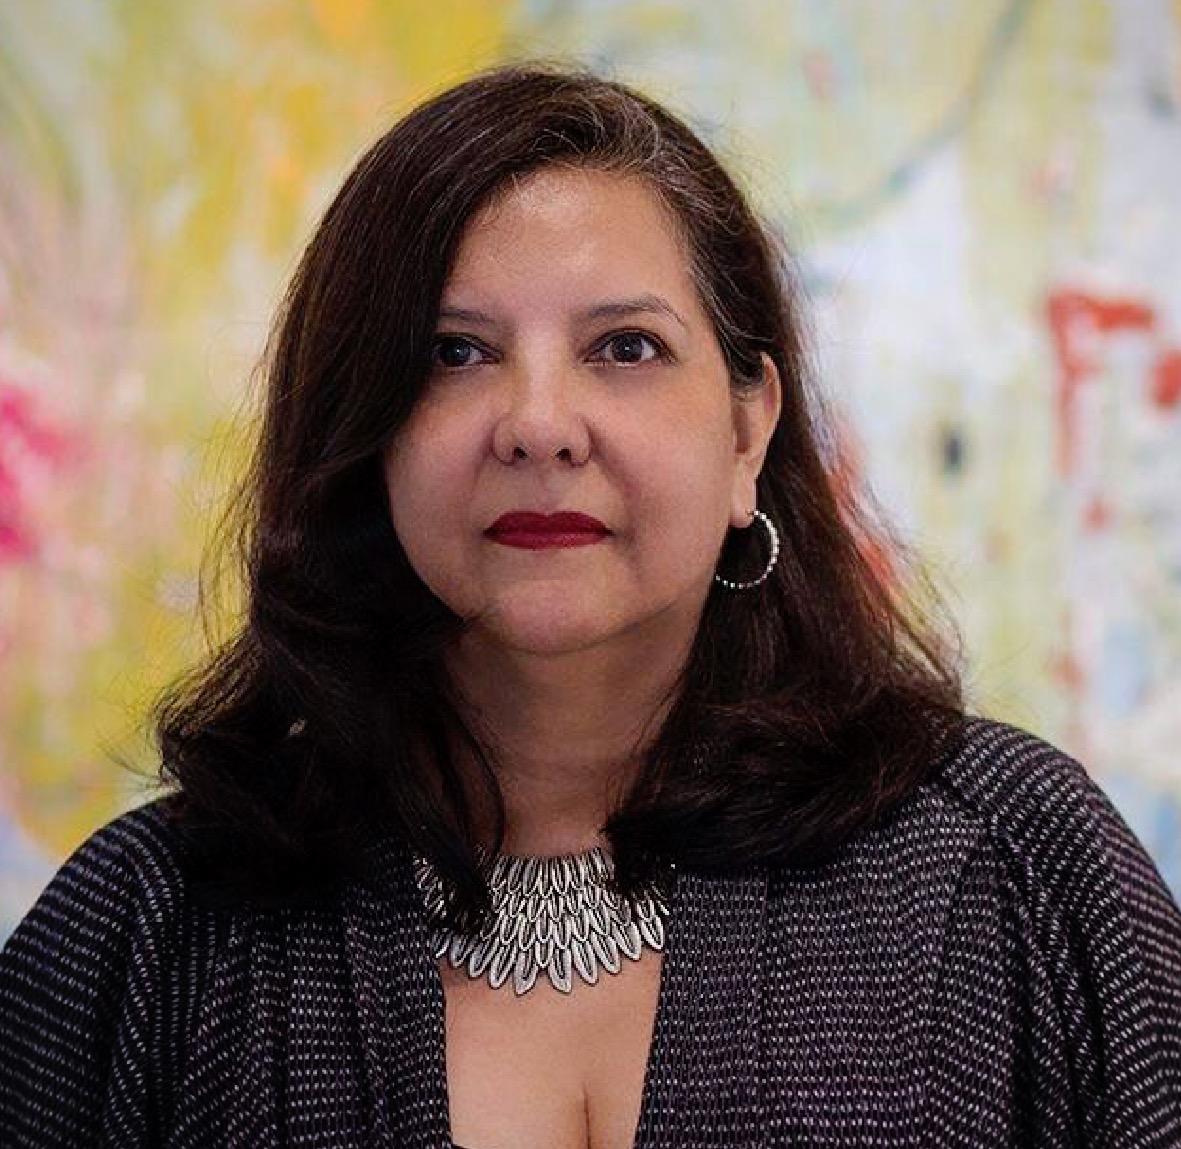 Rita Pilar Perez